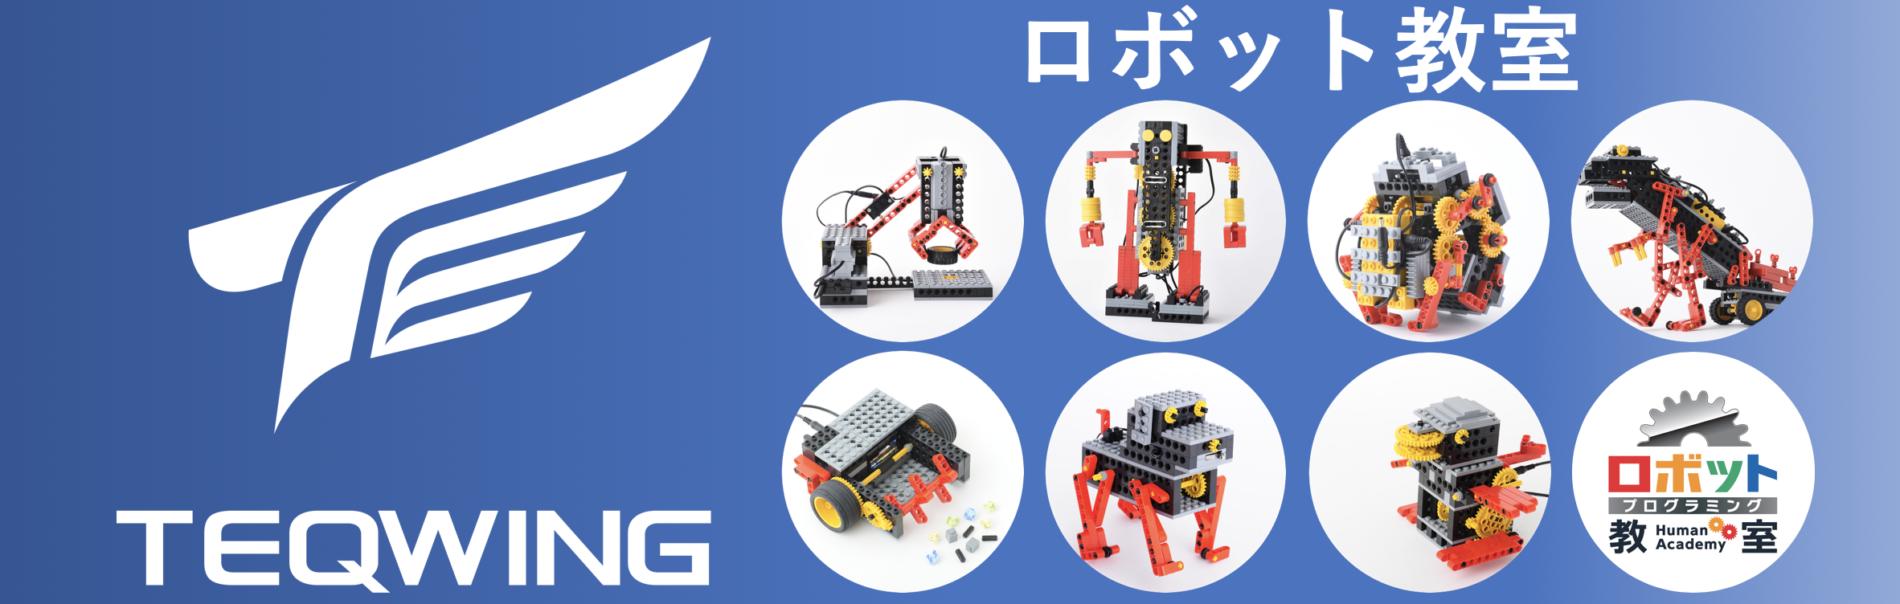 ロボット教室テックウイング/千葉中央/西千葉/検見川